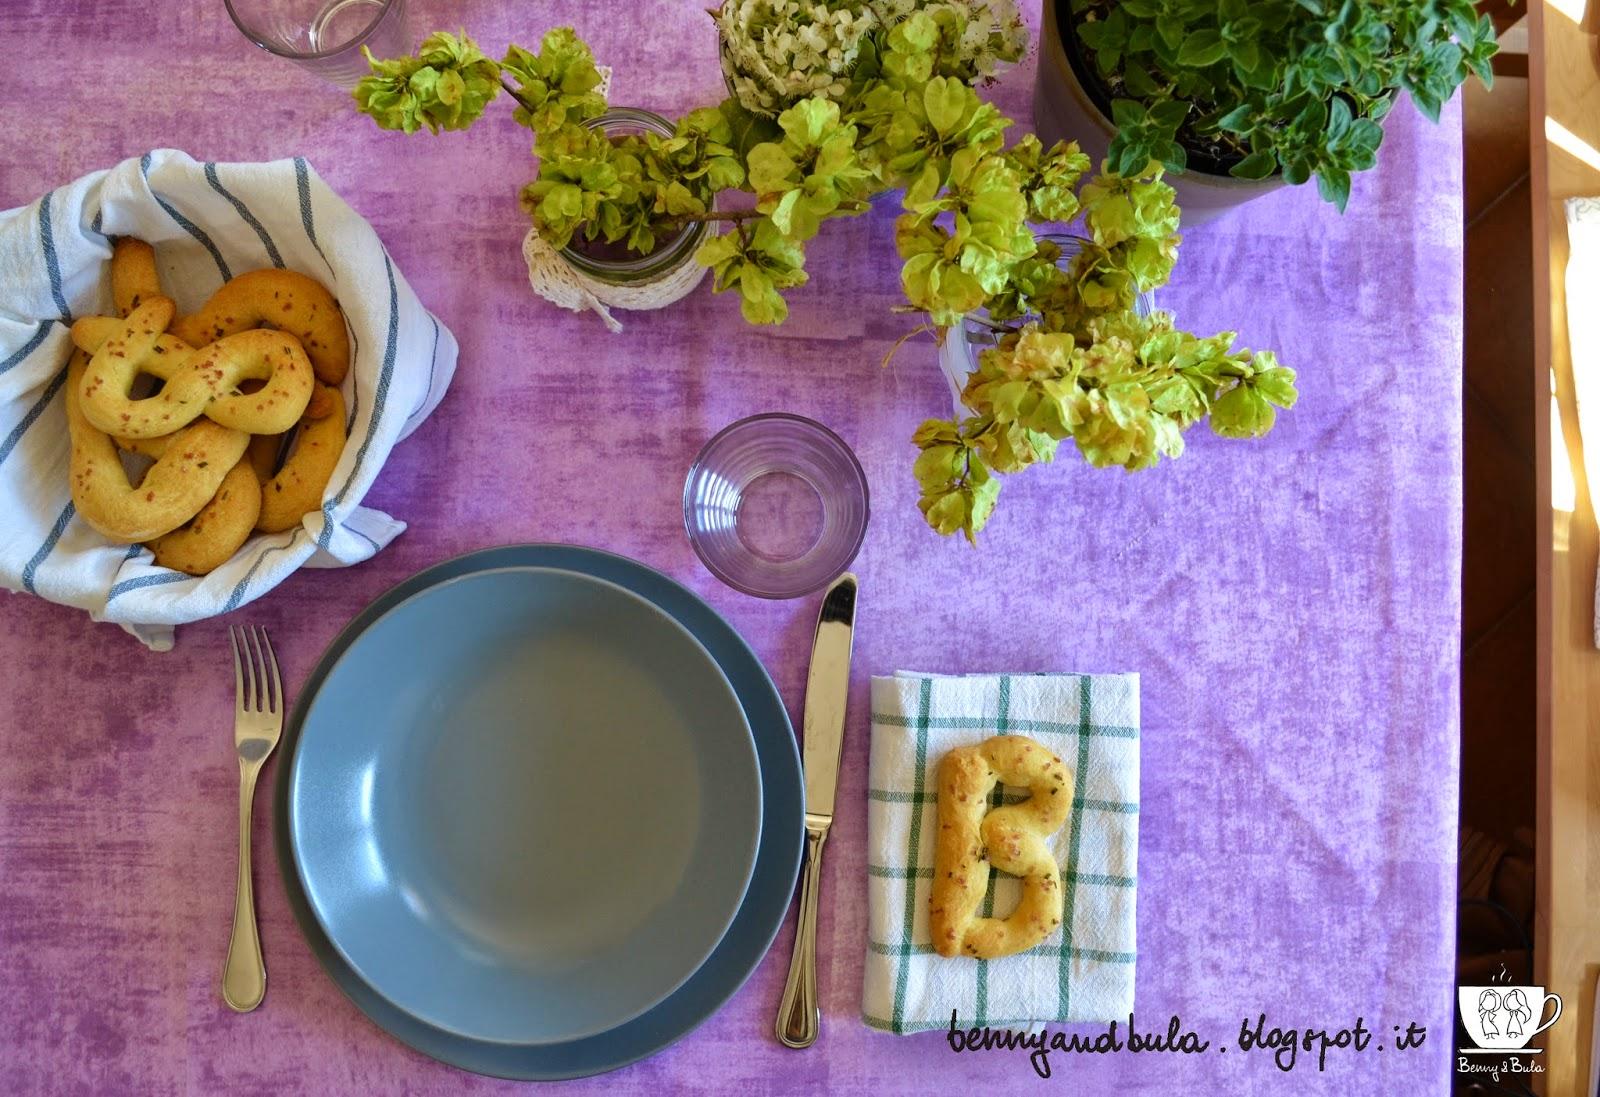 idee per apparecchiare la tavola a pasqua / easter table ideas